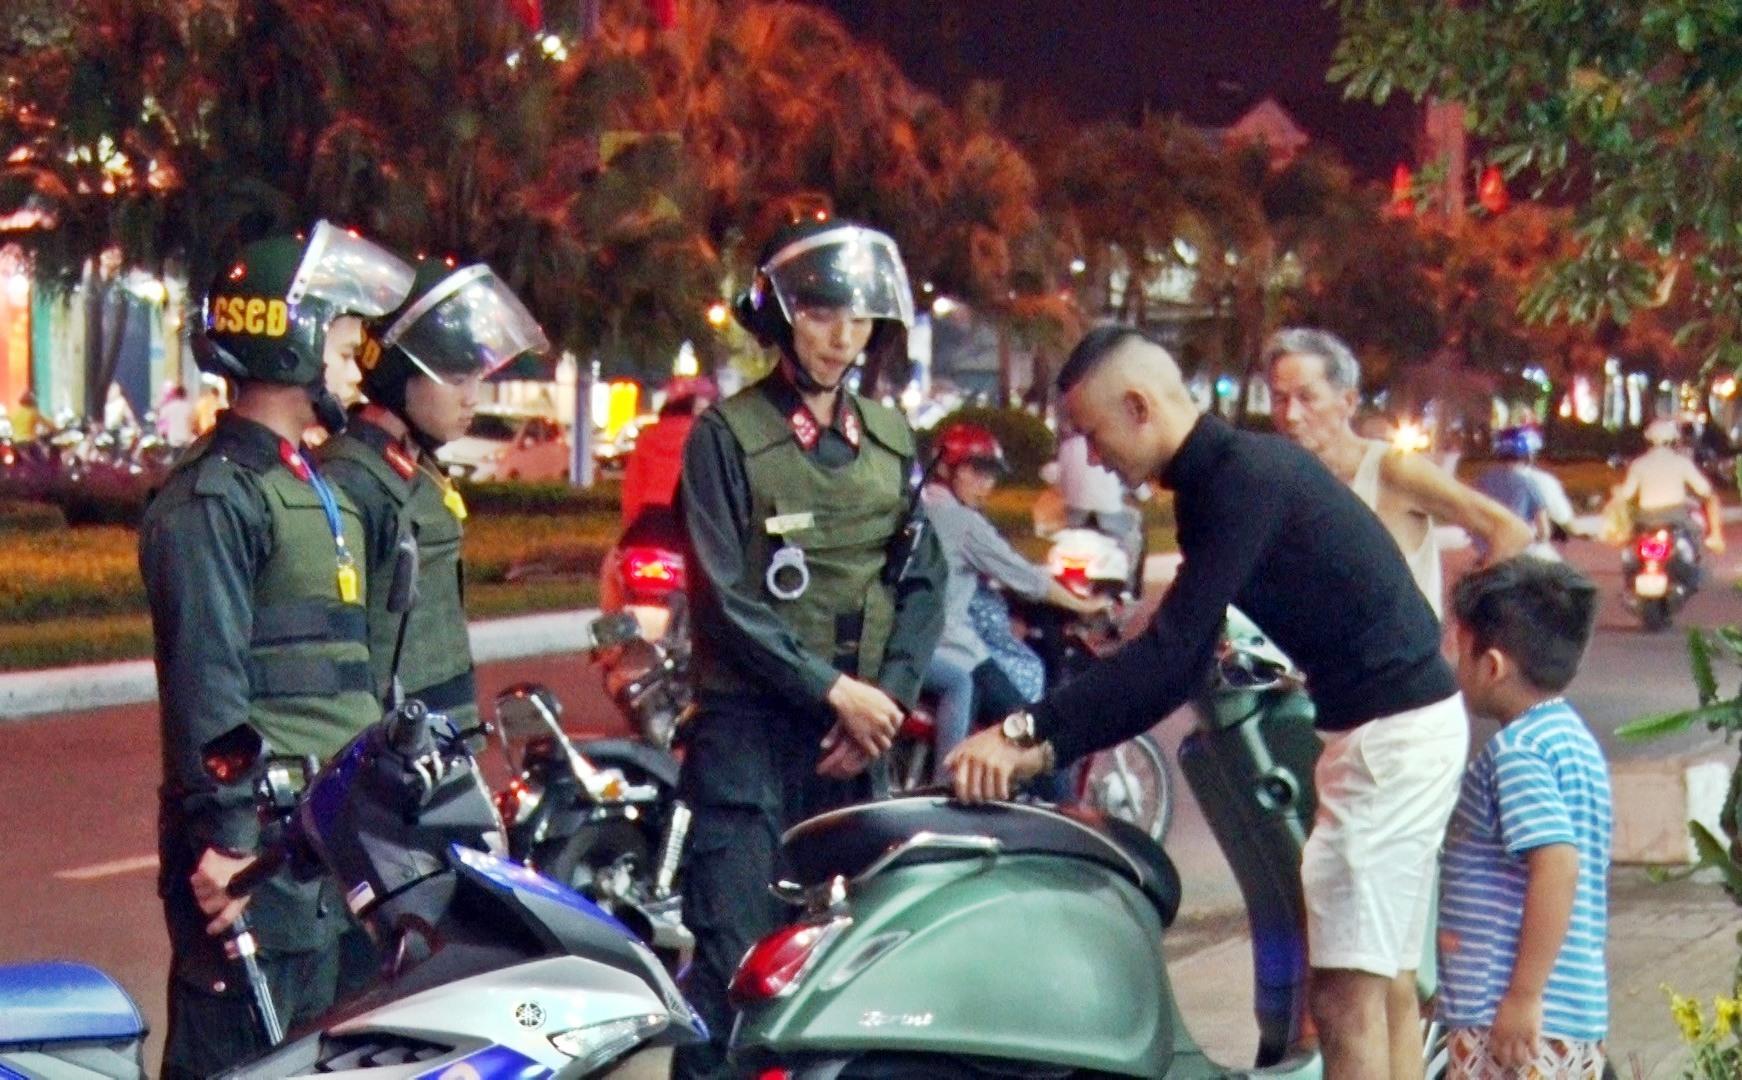 Cảnh sát cơ động kiểm tra, xử lý các hành vi vi phạm pháp luật. Ảnh: Đ.Q